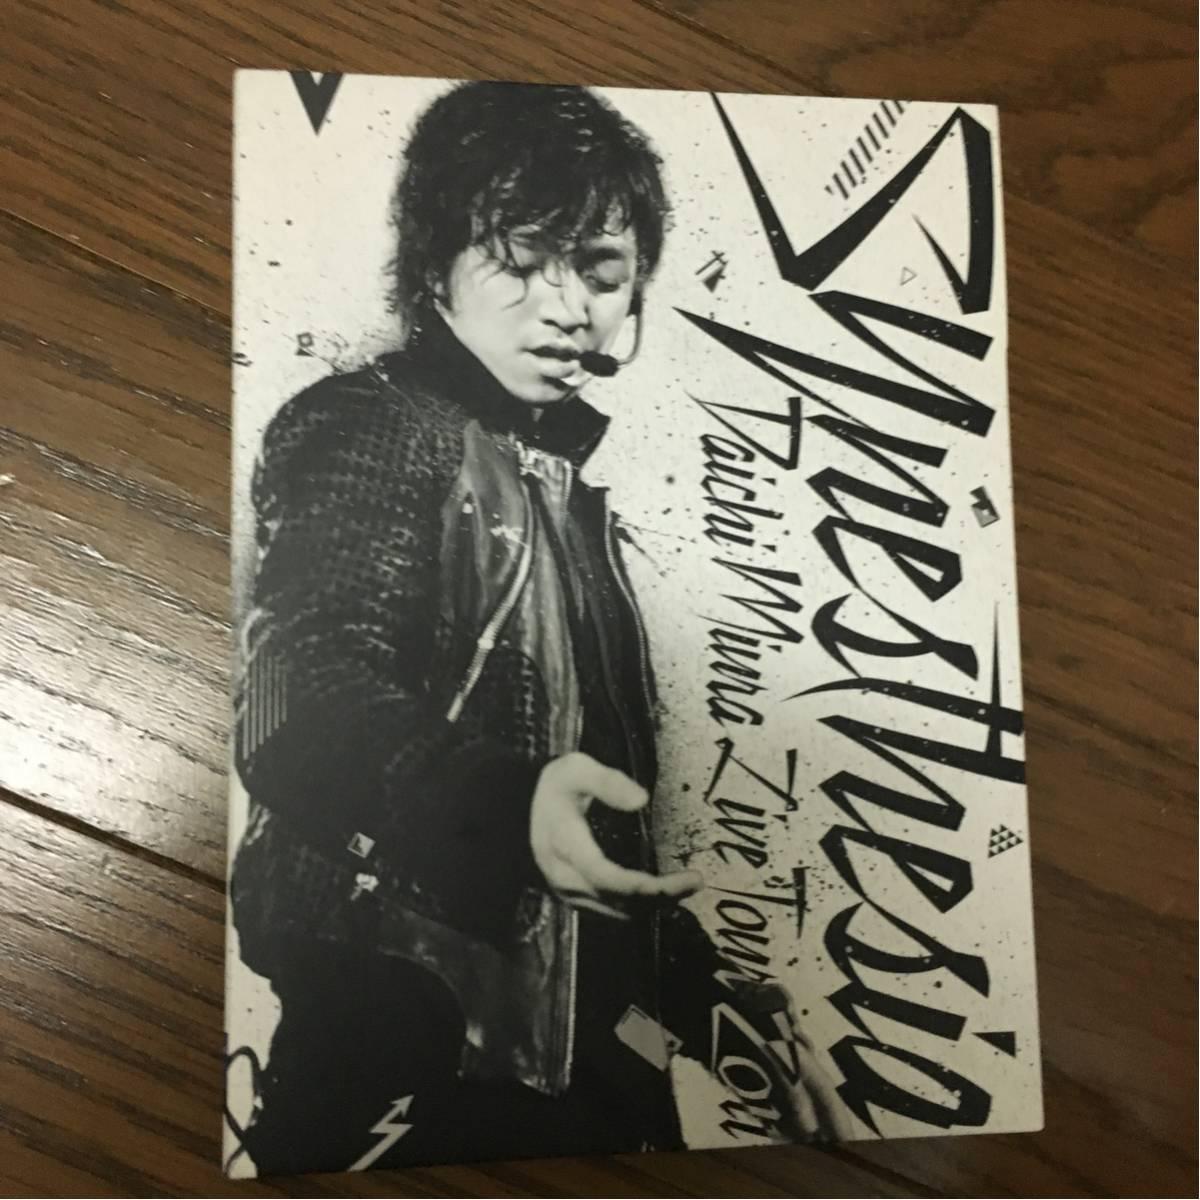 三浦大知 2011 初回盤 DVD シナスタ ライブグッズの画像